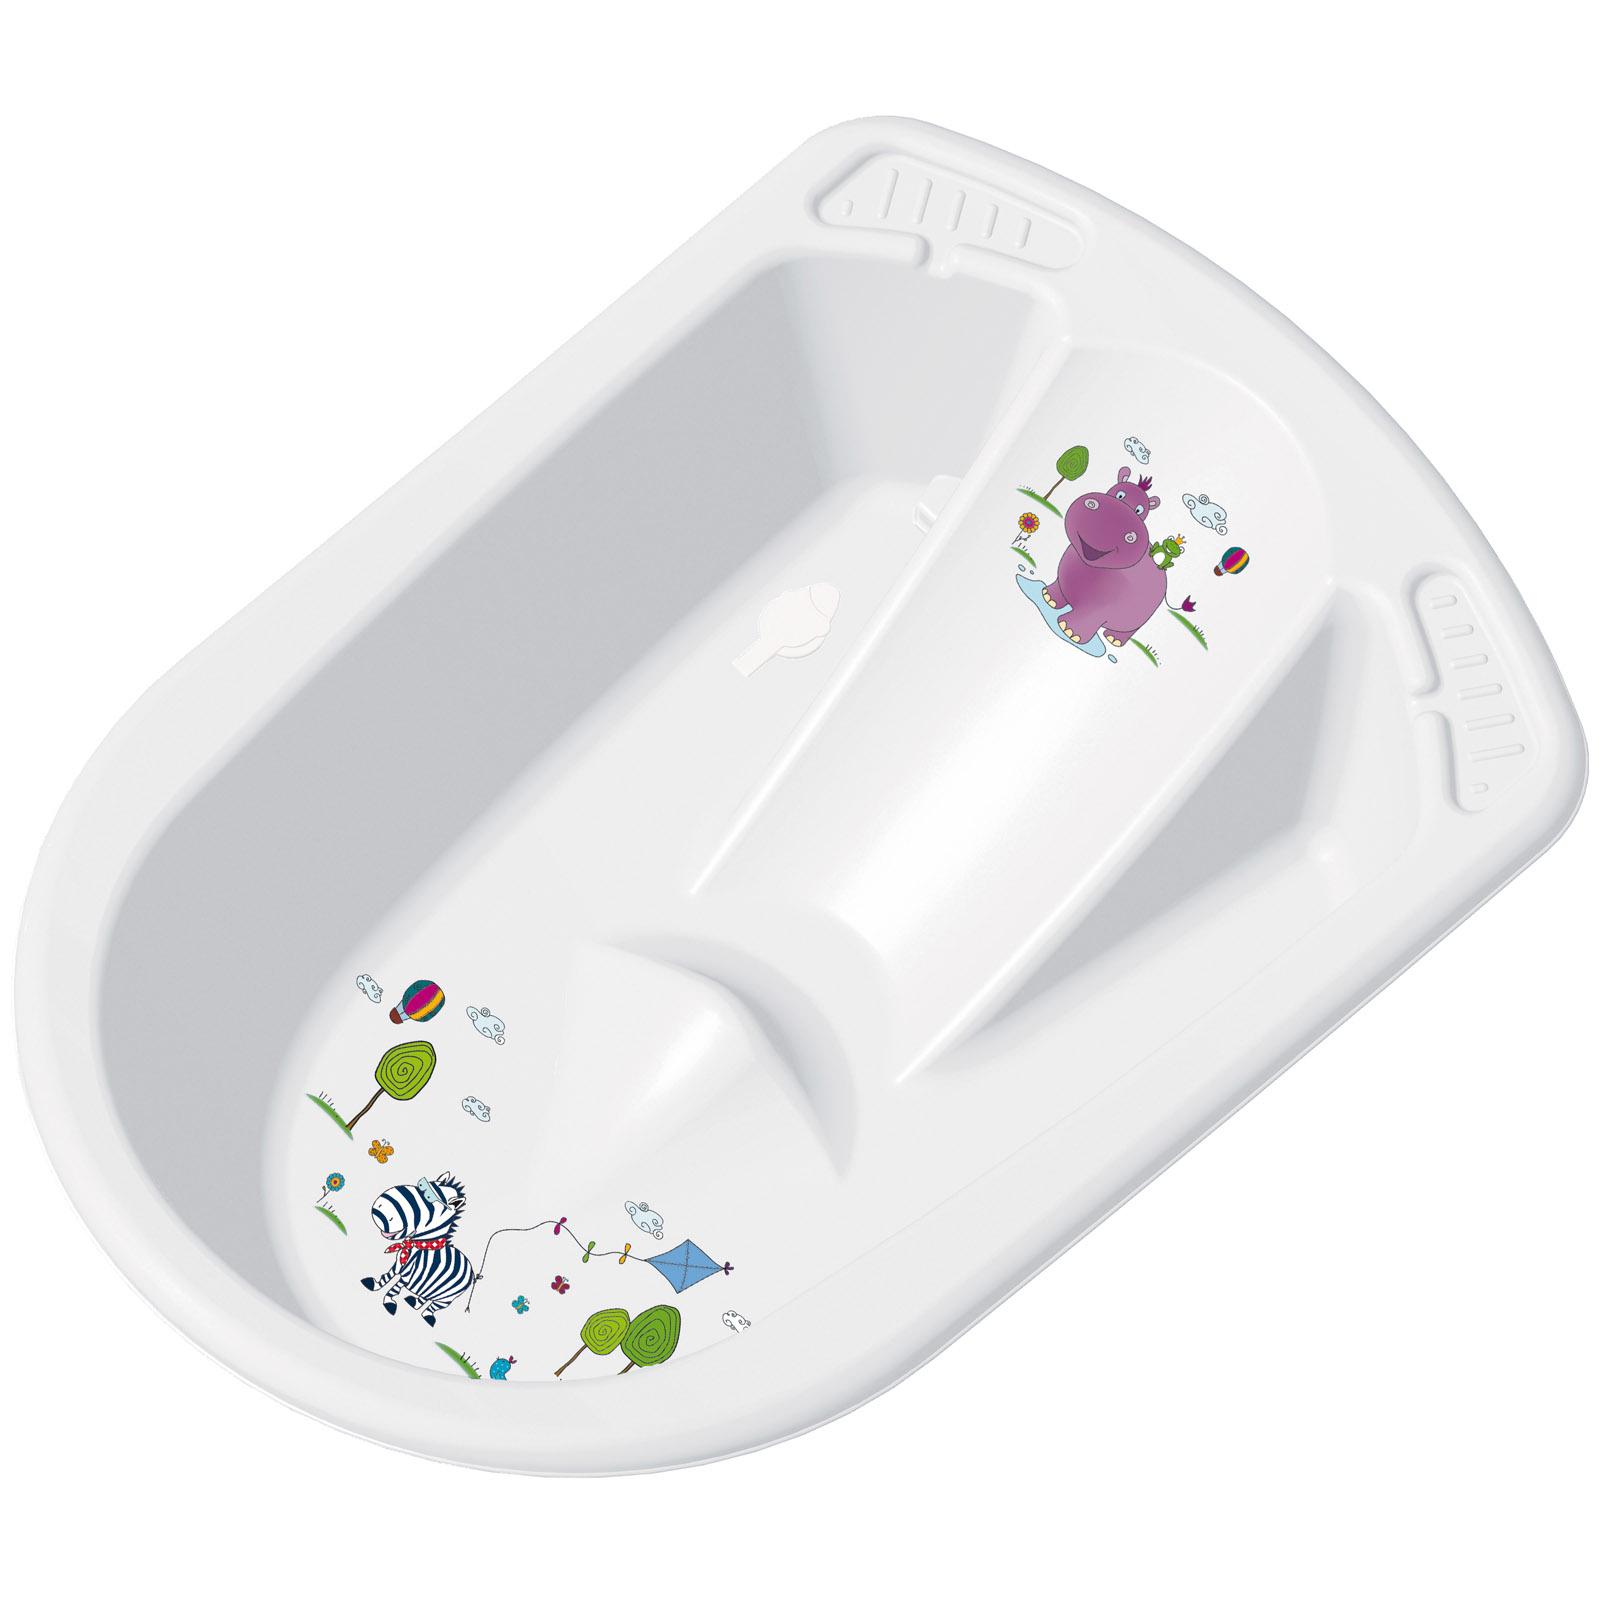 Ванна анатомическая ОКТ Hippo со сливом цвет - белый<br>